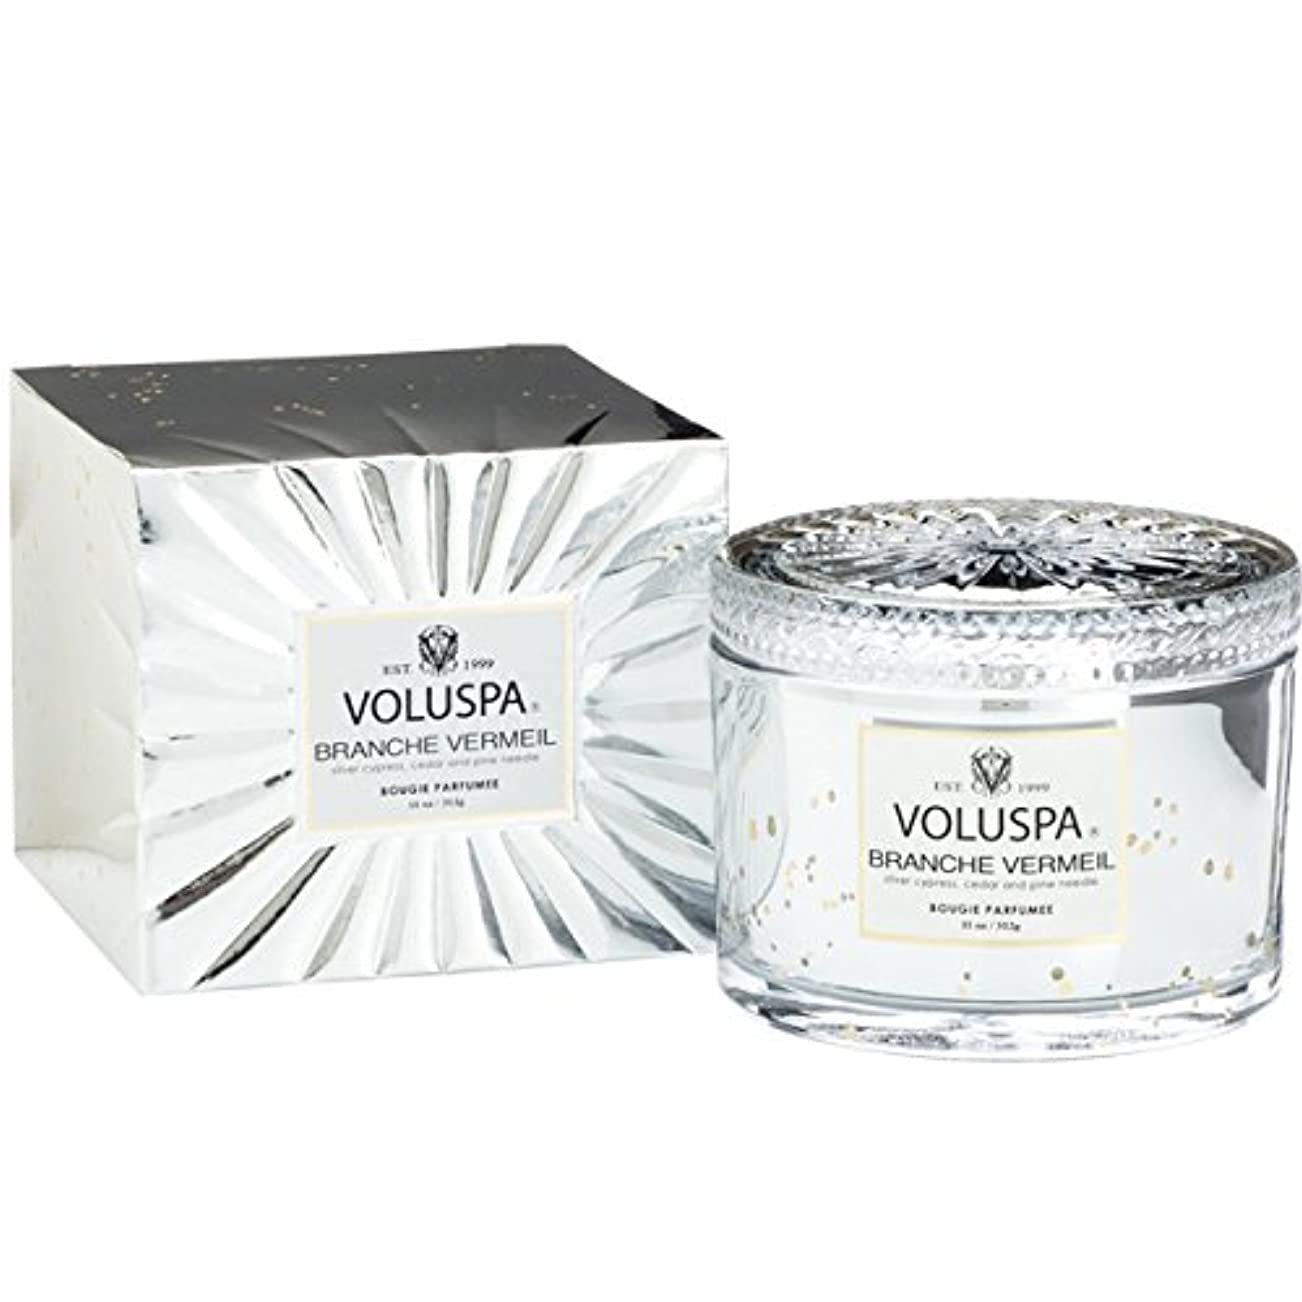 今日統治するミッションVoluspa ボルスパ ヴァーメイル ボックス入り グラスキャンドル フ?ランチヴァーメイル BRANCHE VERMEIL VERMEIL BOX Glass Candle